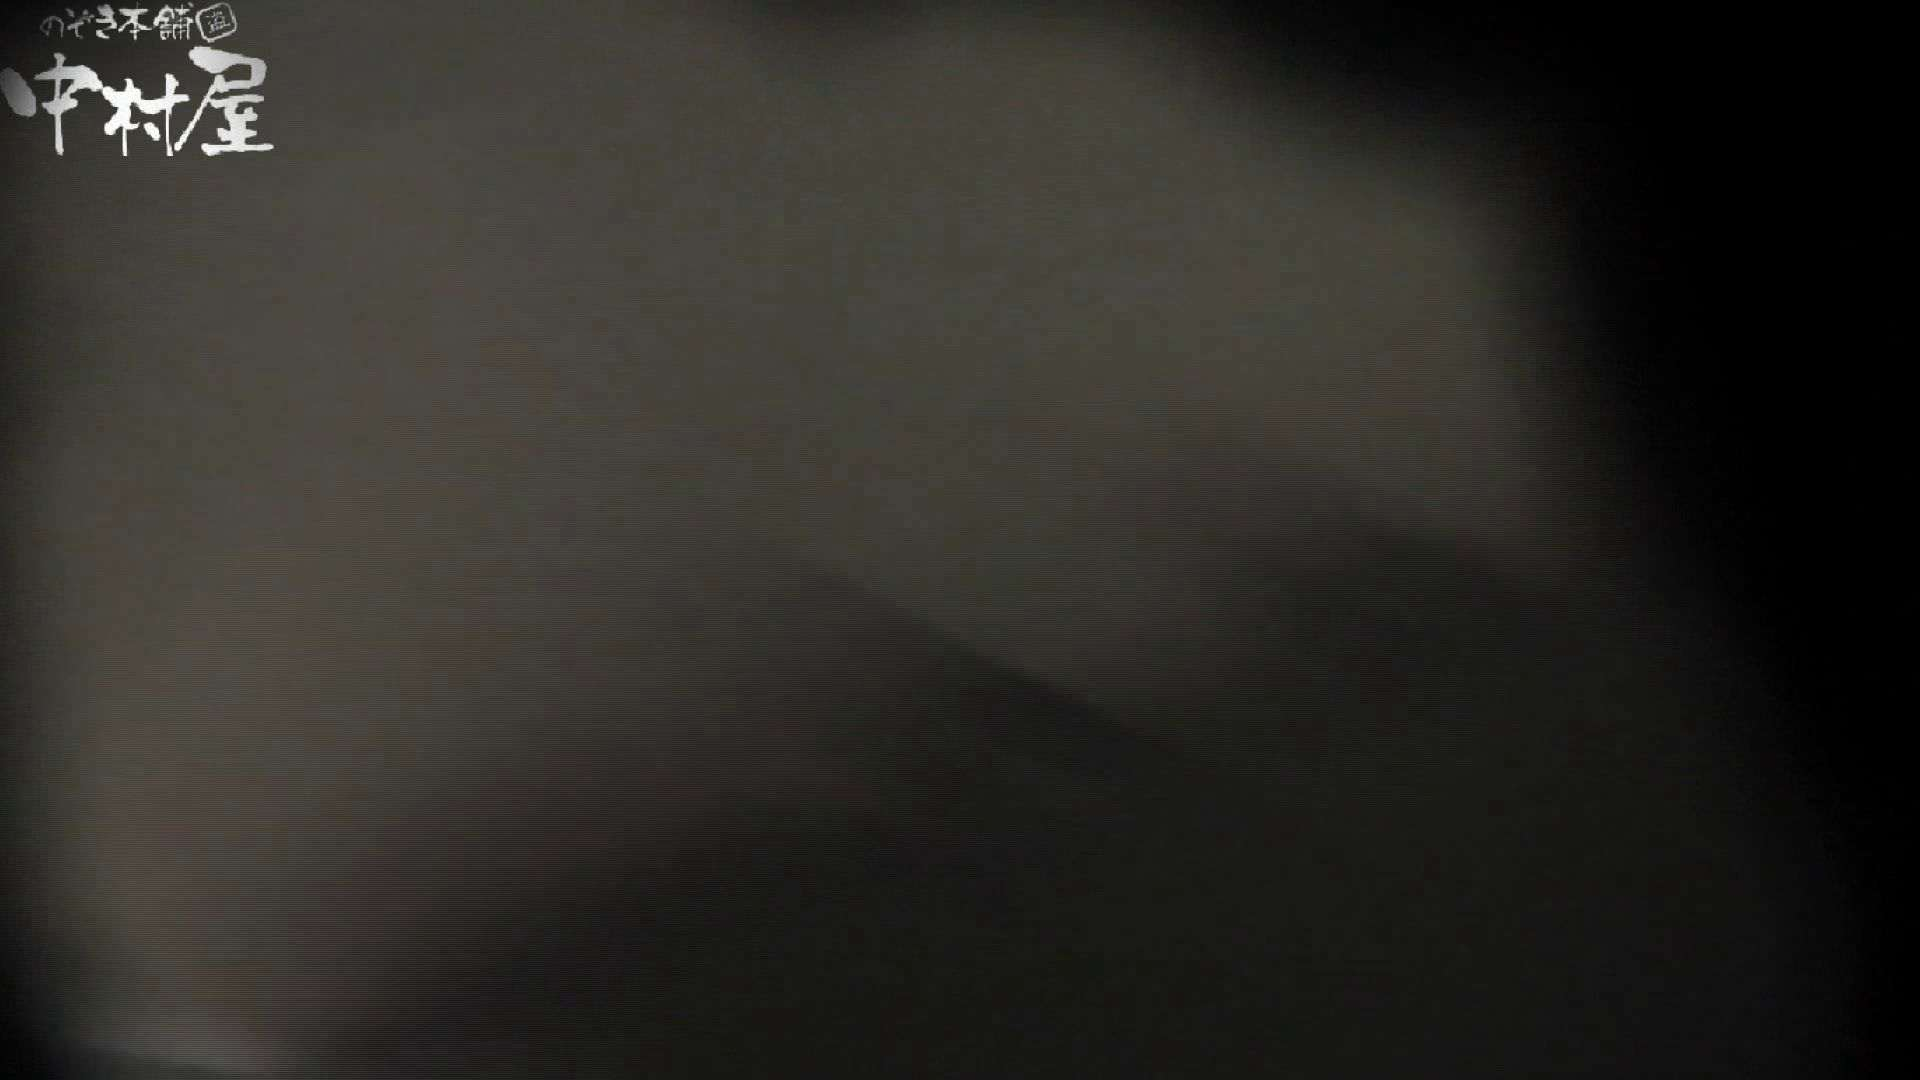 世界の射窓から~ステーション編vol.38 画質格段にUP! おまんこ見放題  94PIX 52